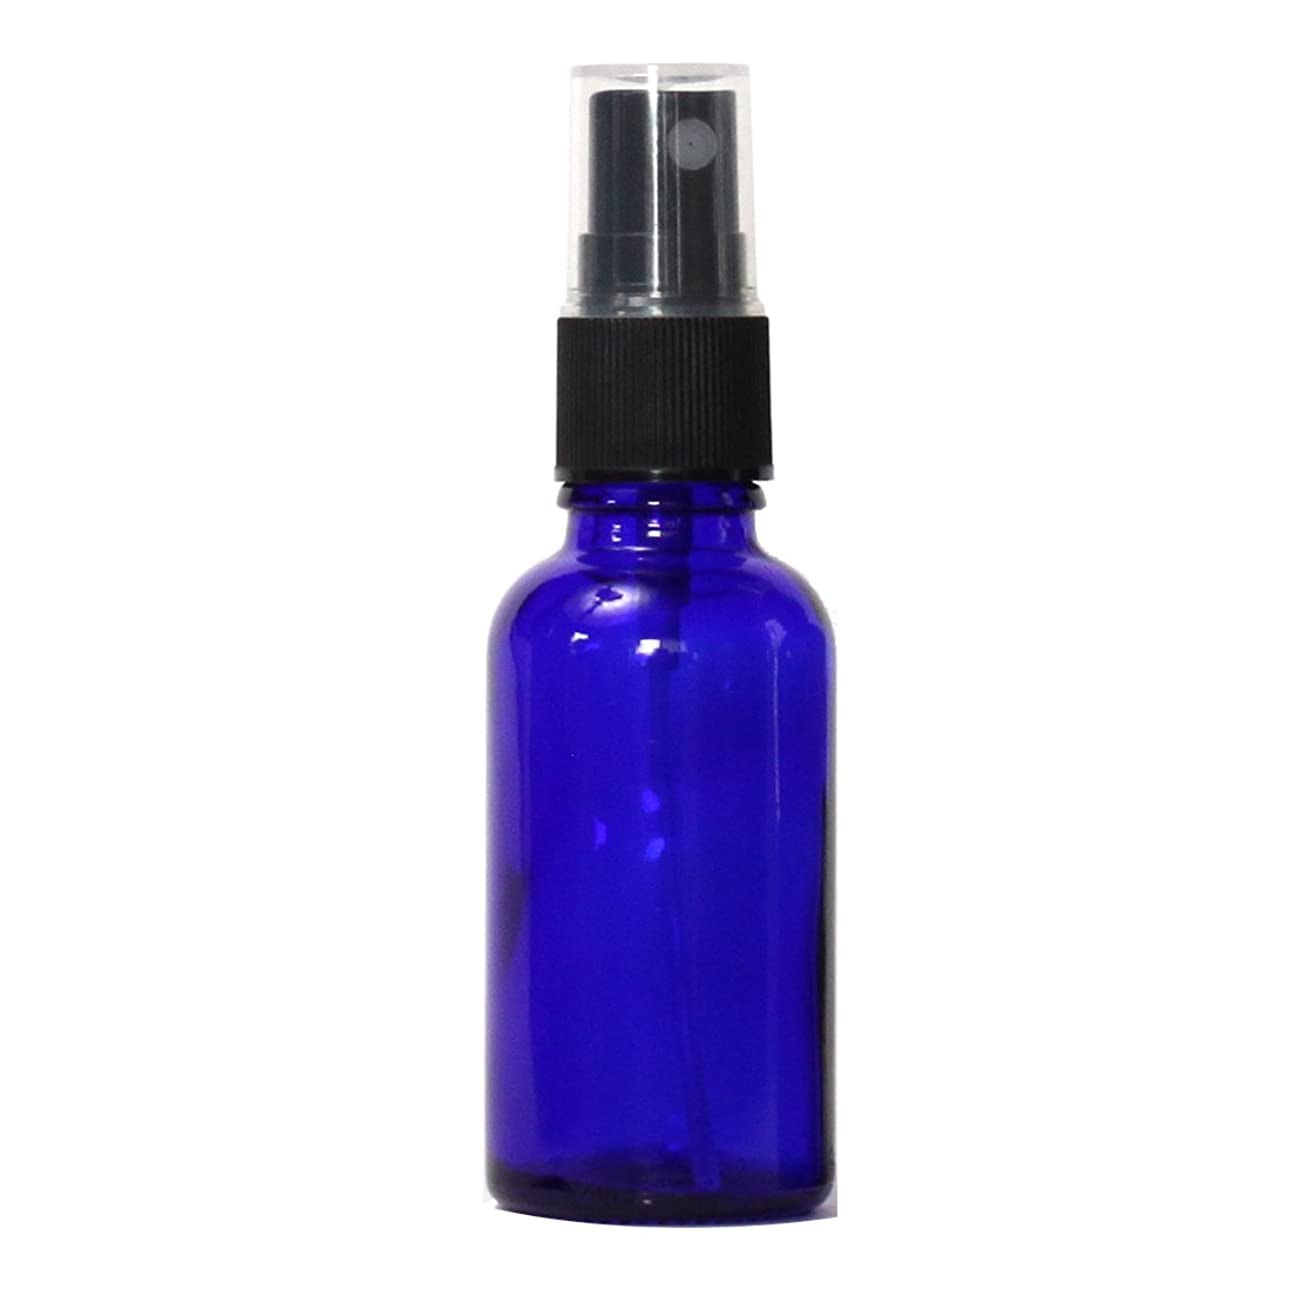 骨髄寛大な公然とスプレーガラス瓶ボトル 30mL 遮光性ブルー おしゃれガラスアトマイザー 空容器